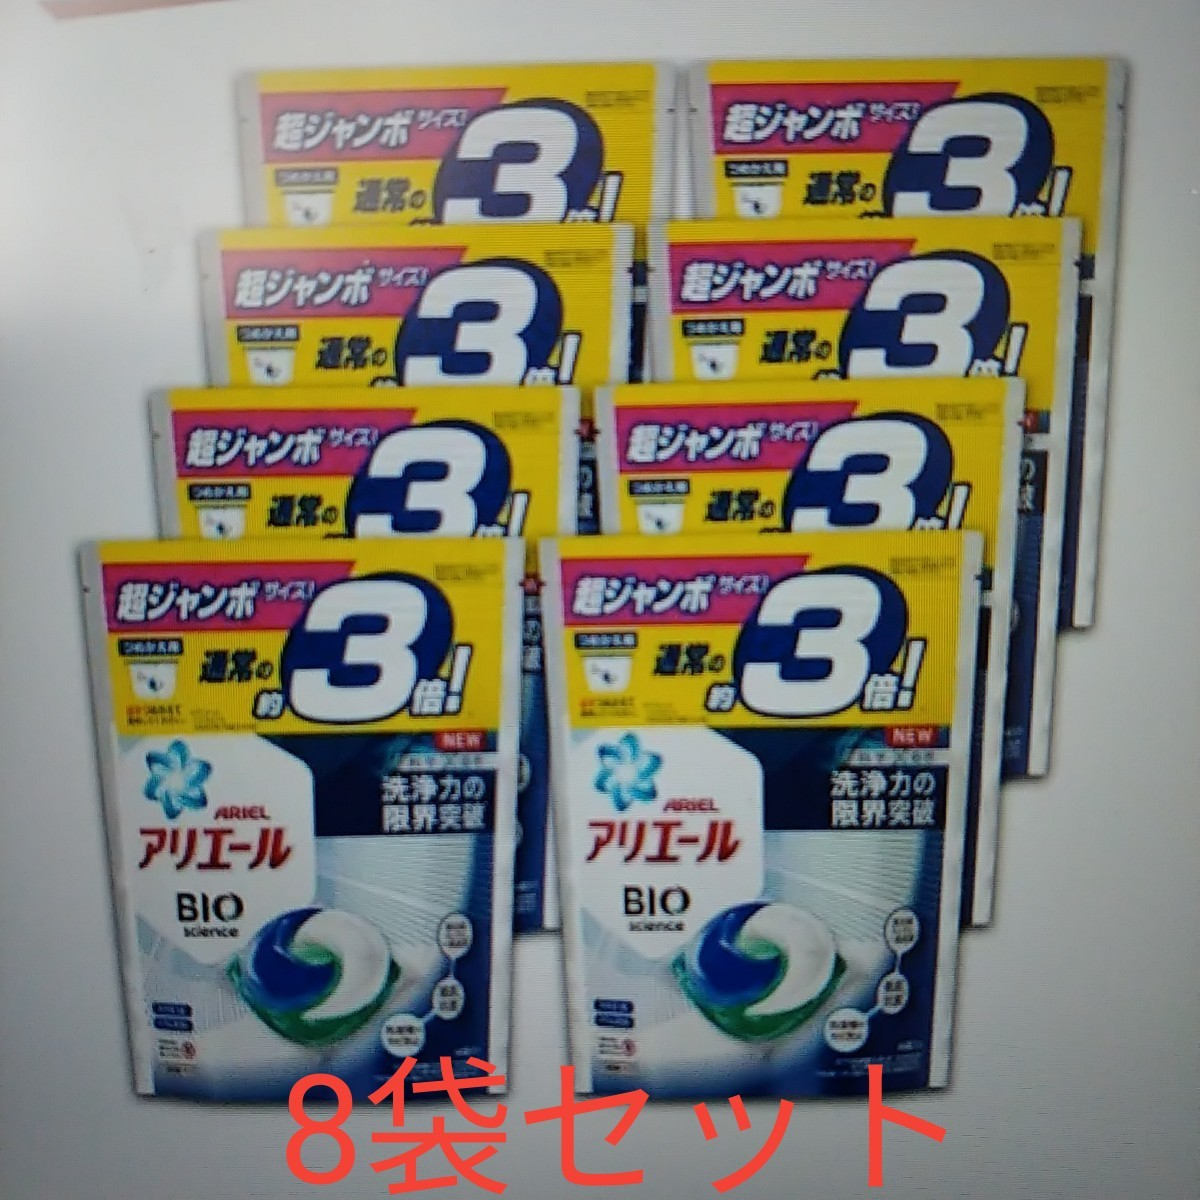 アリエールBIOジェルボール つめかえ超ジャンボサイズ 洗濯洗剤46個入り×8袋セット